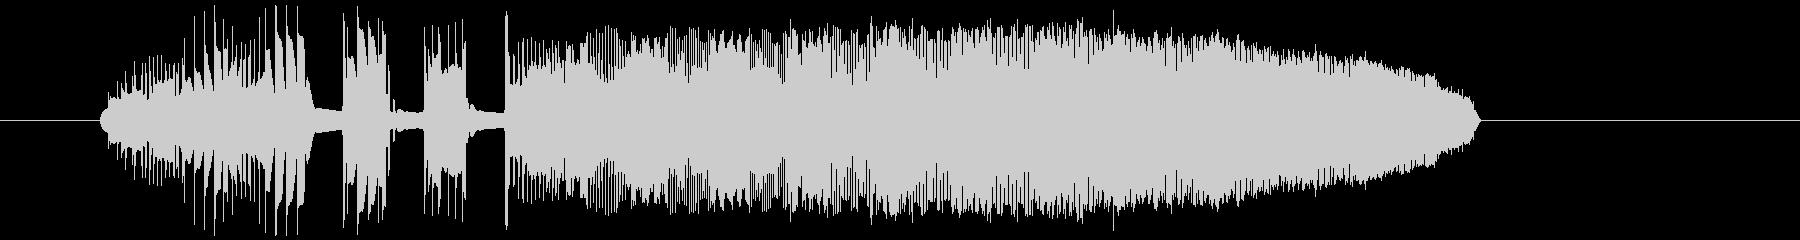 レトロなパワーアップ音の未再生の波形